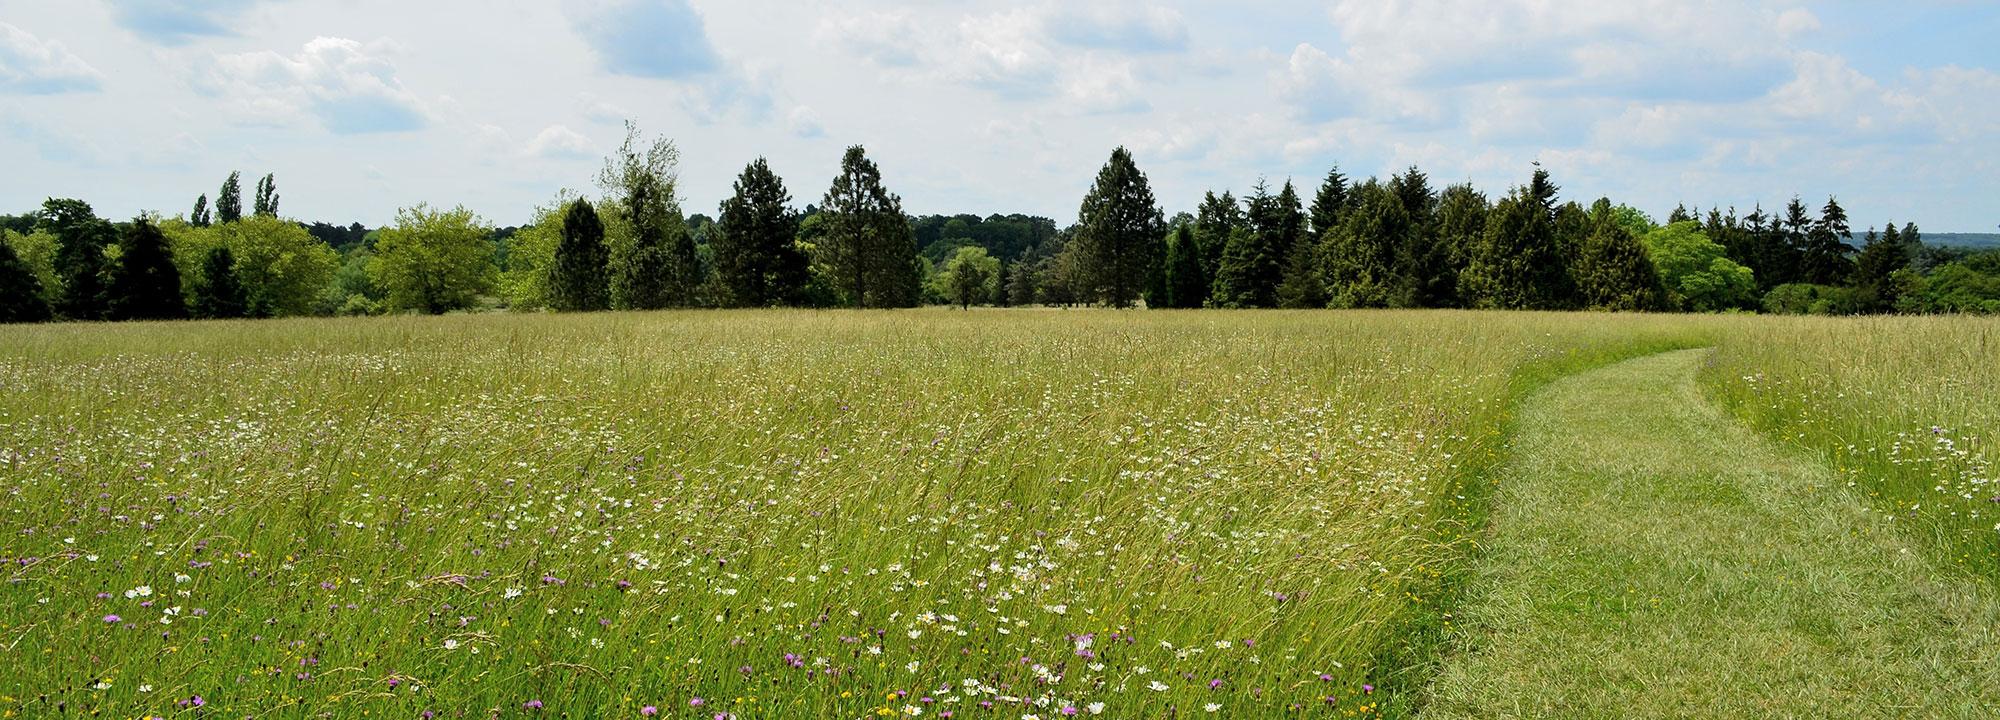 Prairie de la zone américaine fin mai © MNHN - Jérôme Munier